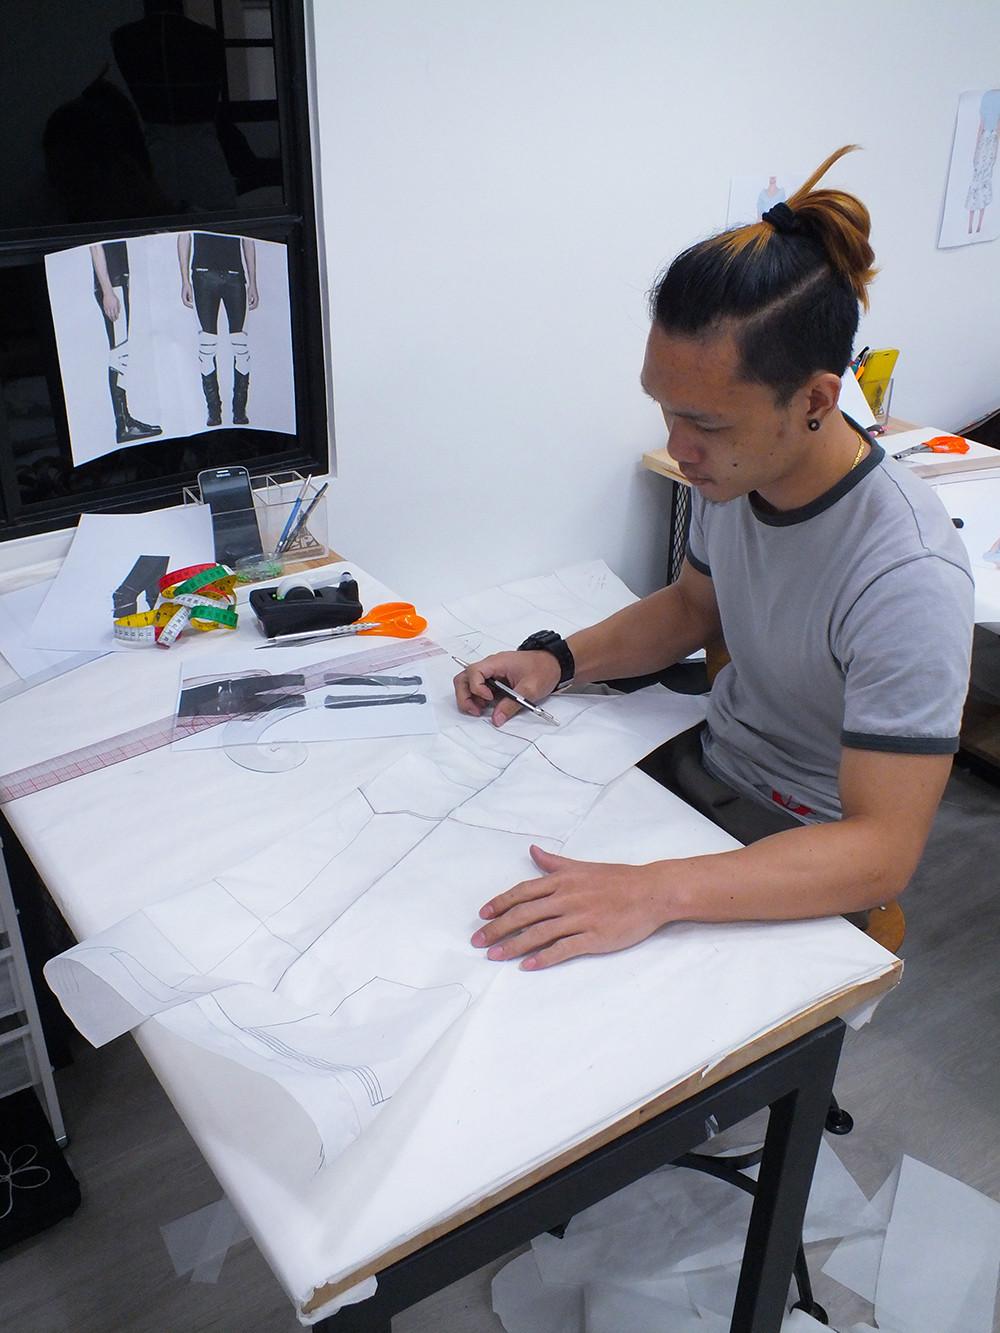 ผลงานแพทเทิร์นผู้เรียน กางเกงหนังไบเกอร์บุรุษ